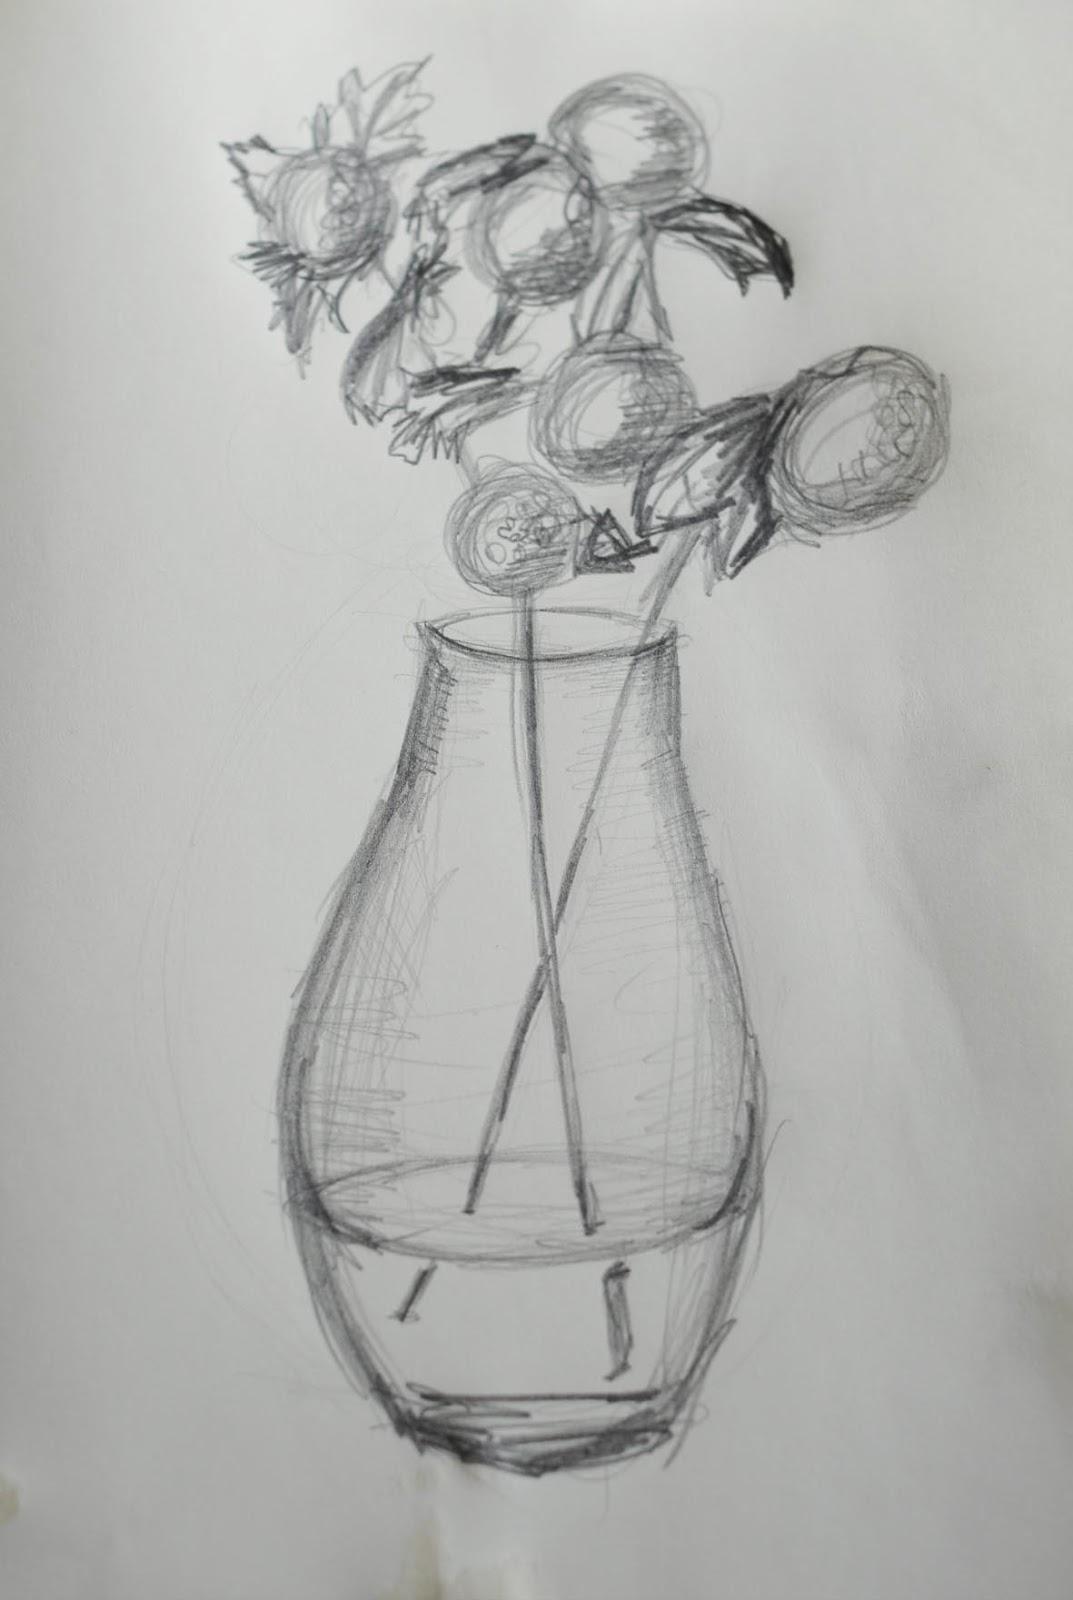 люблю рисовать карандашом,